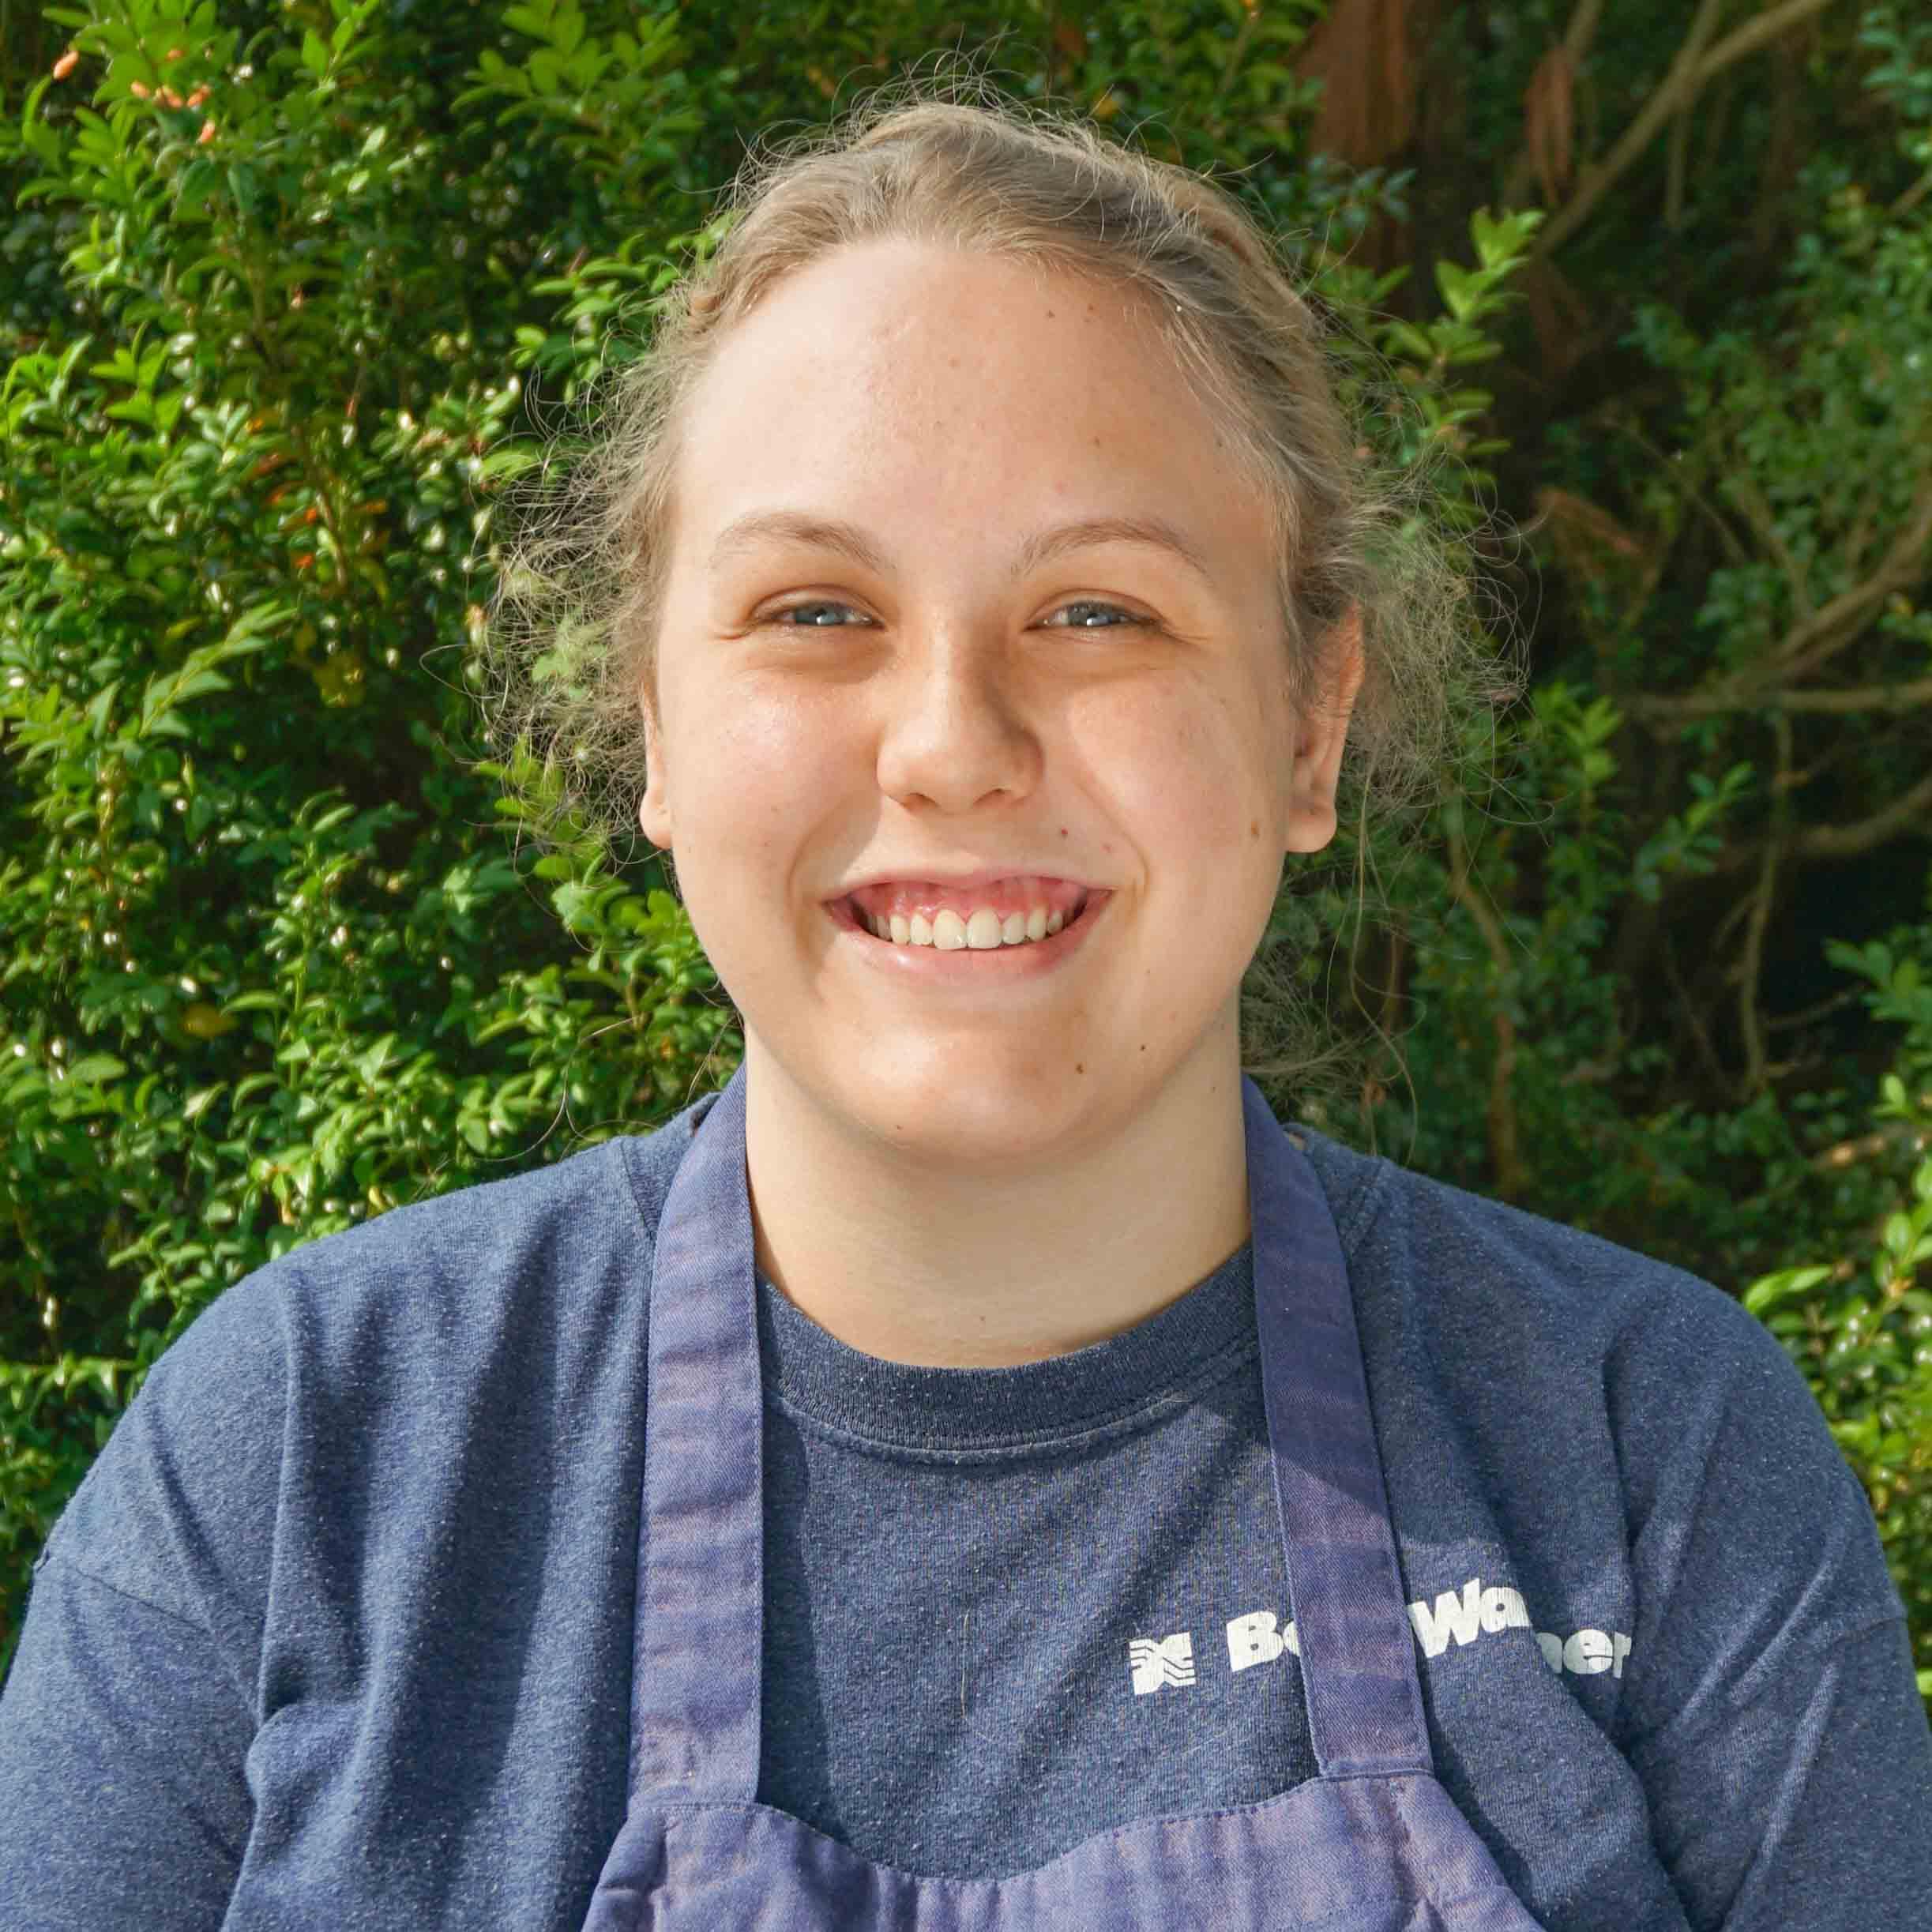 Rebekah Dobbins